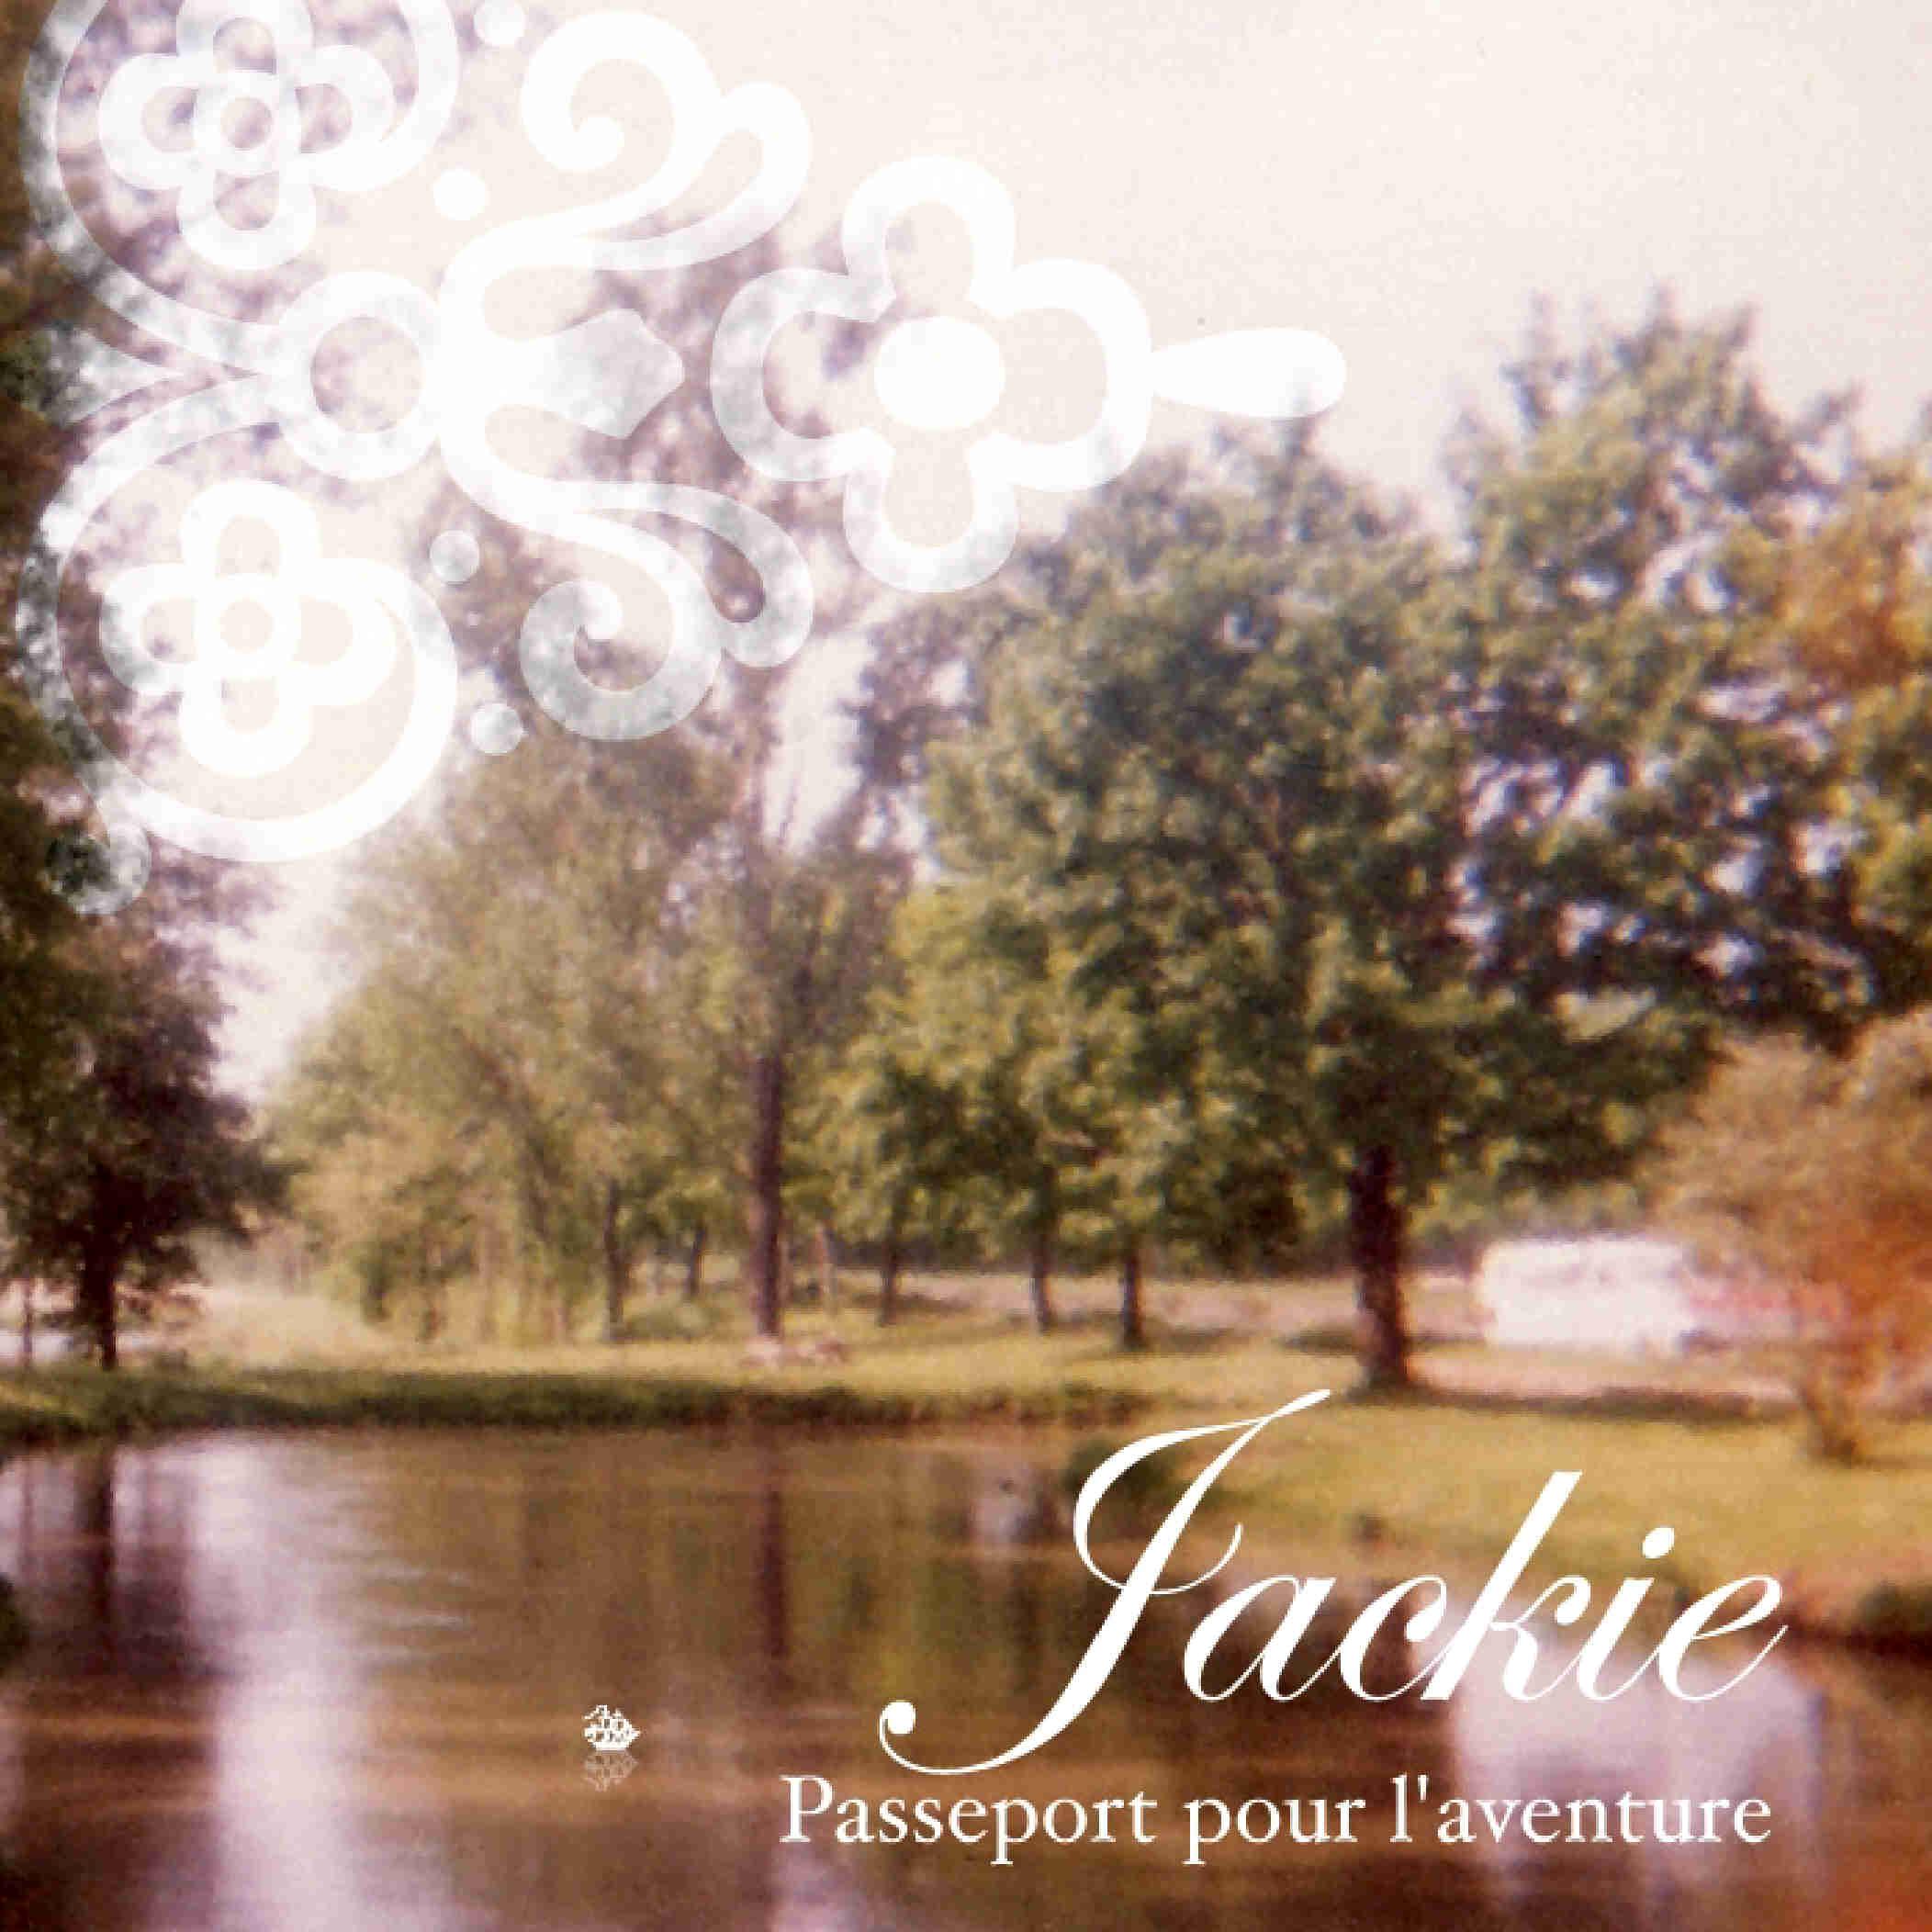 passeport pour l 39 aventure album de jackie centerblog. Black Bedroom Furniture Sets. Home Design Ideas